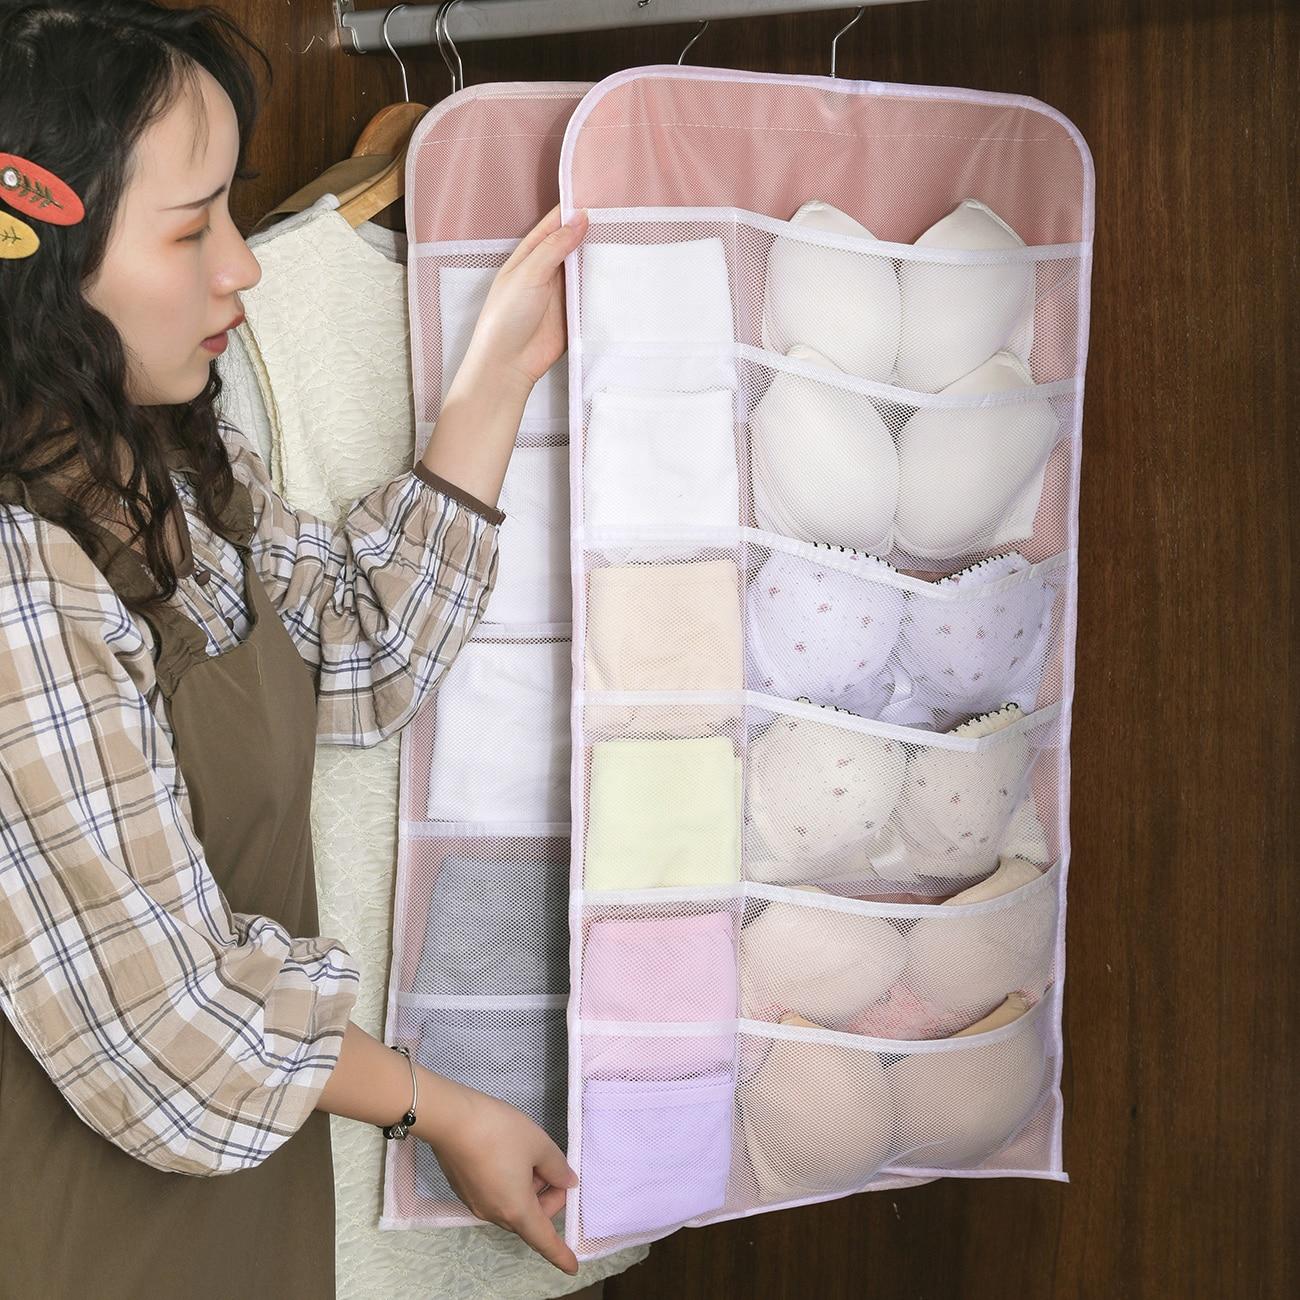 Underwear Storage Hanging Bag Wall Hanging Closet Panties Bra Finishing Artifact Double-Sided Hanging Storage Bag